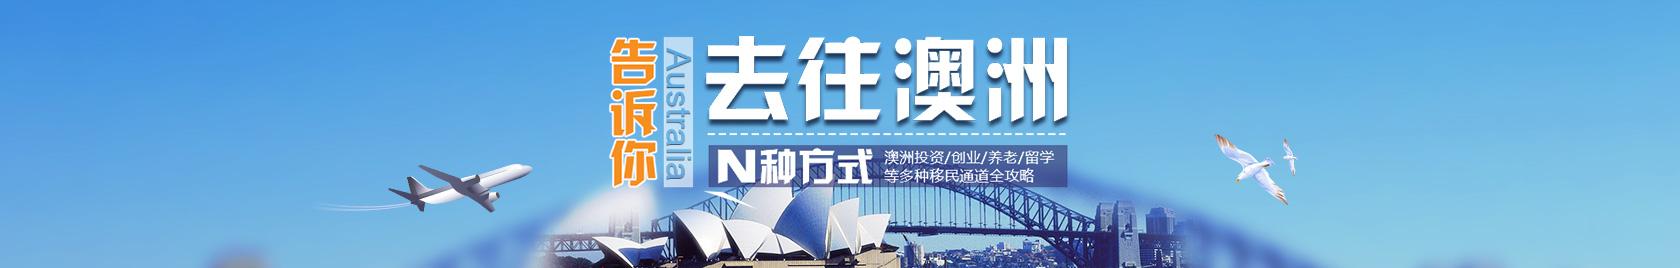 移民澳洲方式:澳洲投资、澳洲创业、澳洲养老、澳洲留学等多少移民方式通道攻略